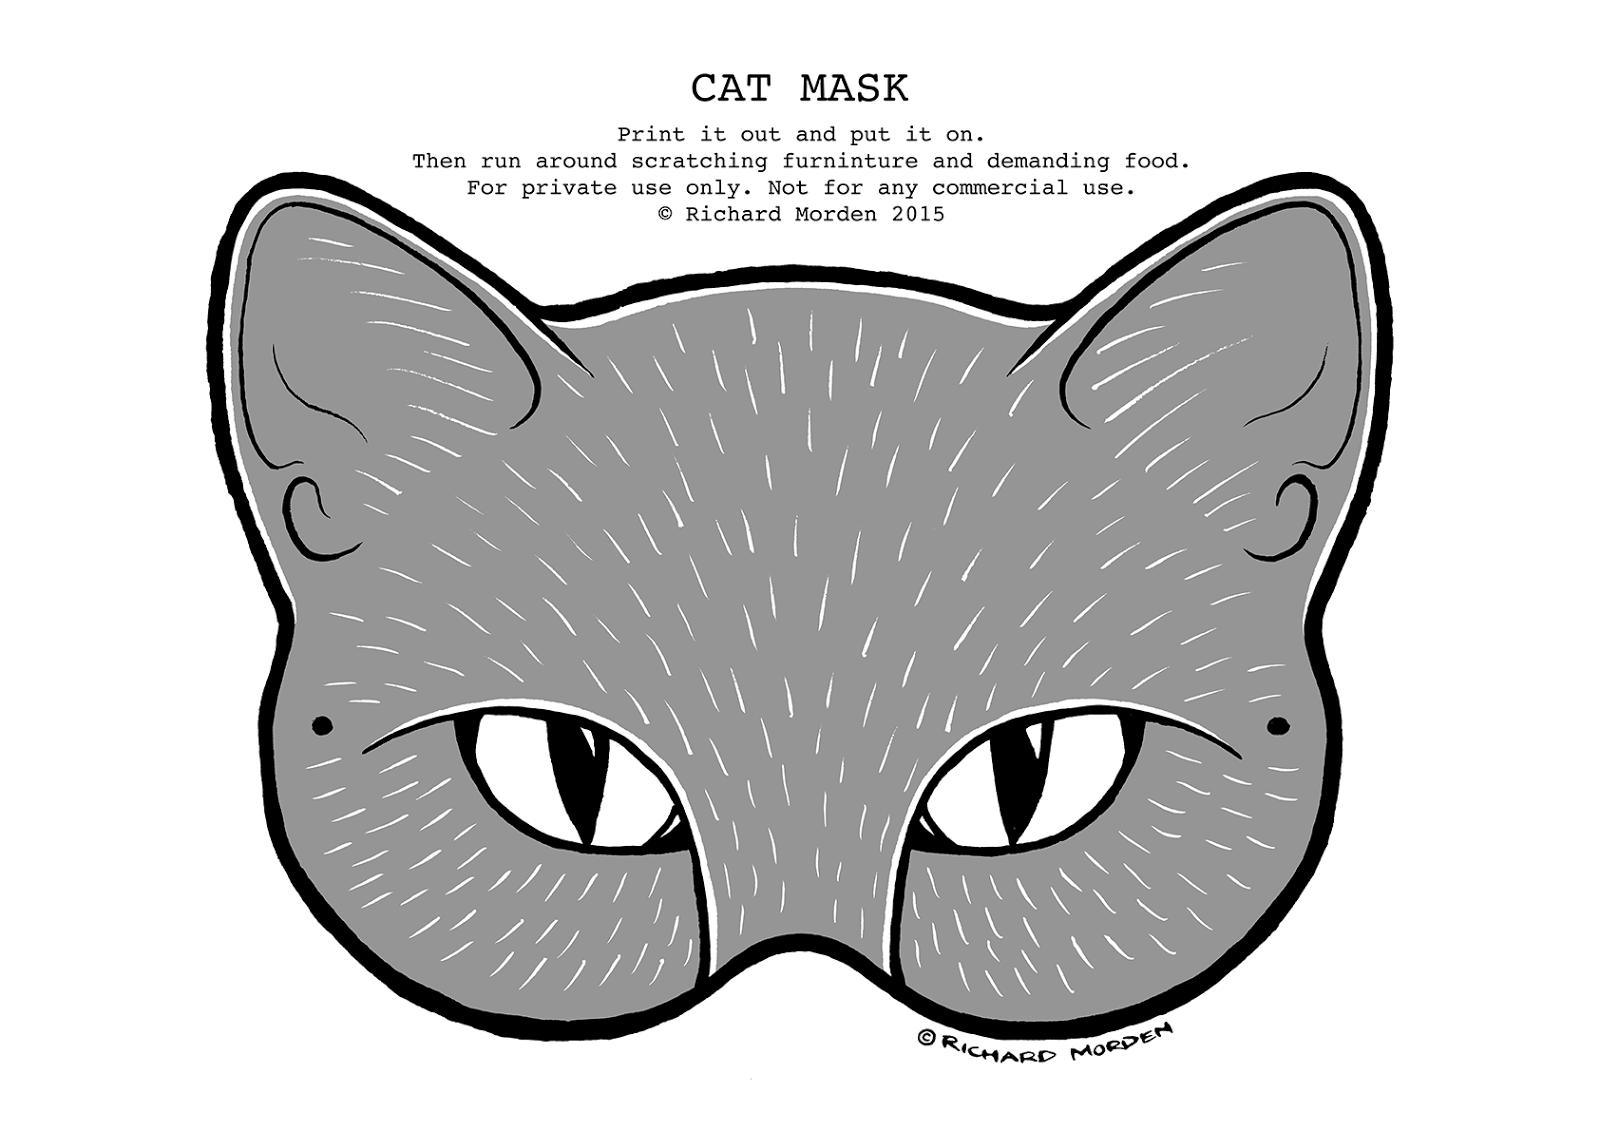 Drawn masks cat Cat Morden illustration mask paper